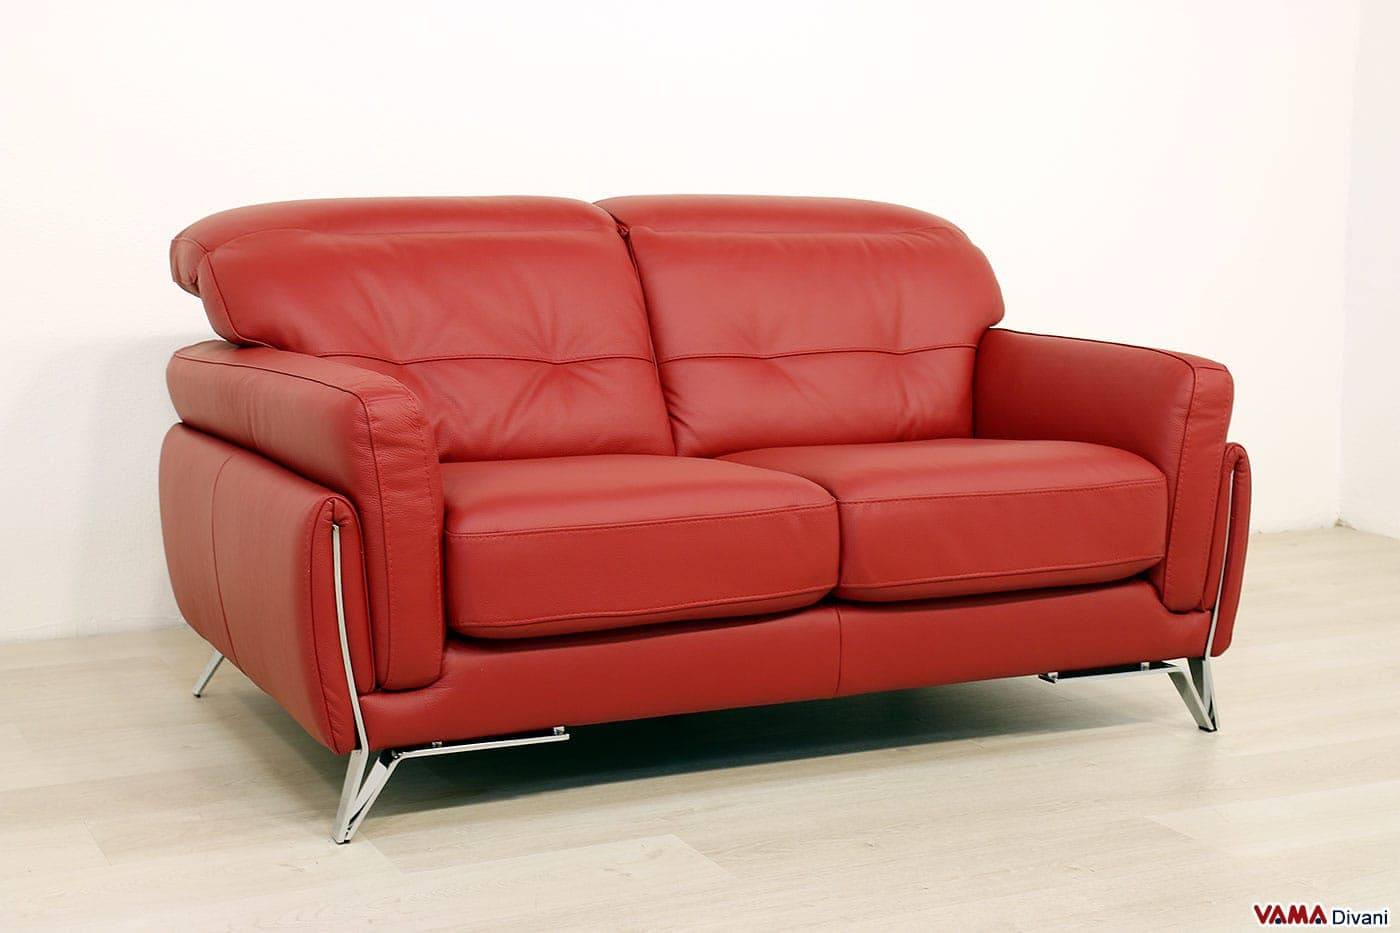 Divano in pelle di design ster vama divani - Dimensioni divano 2 posti ...